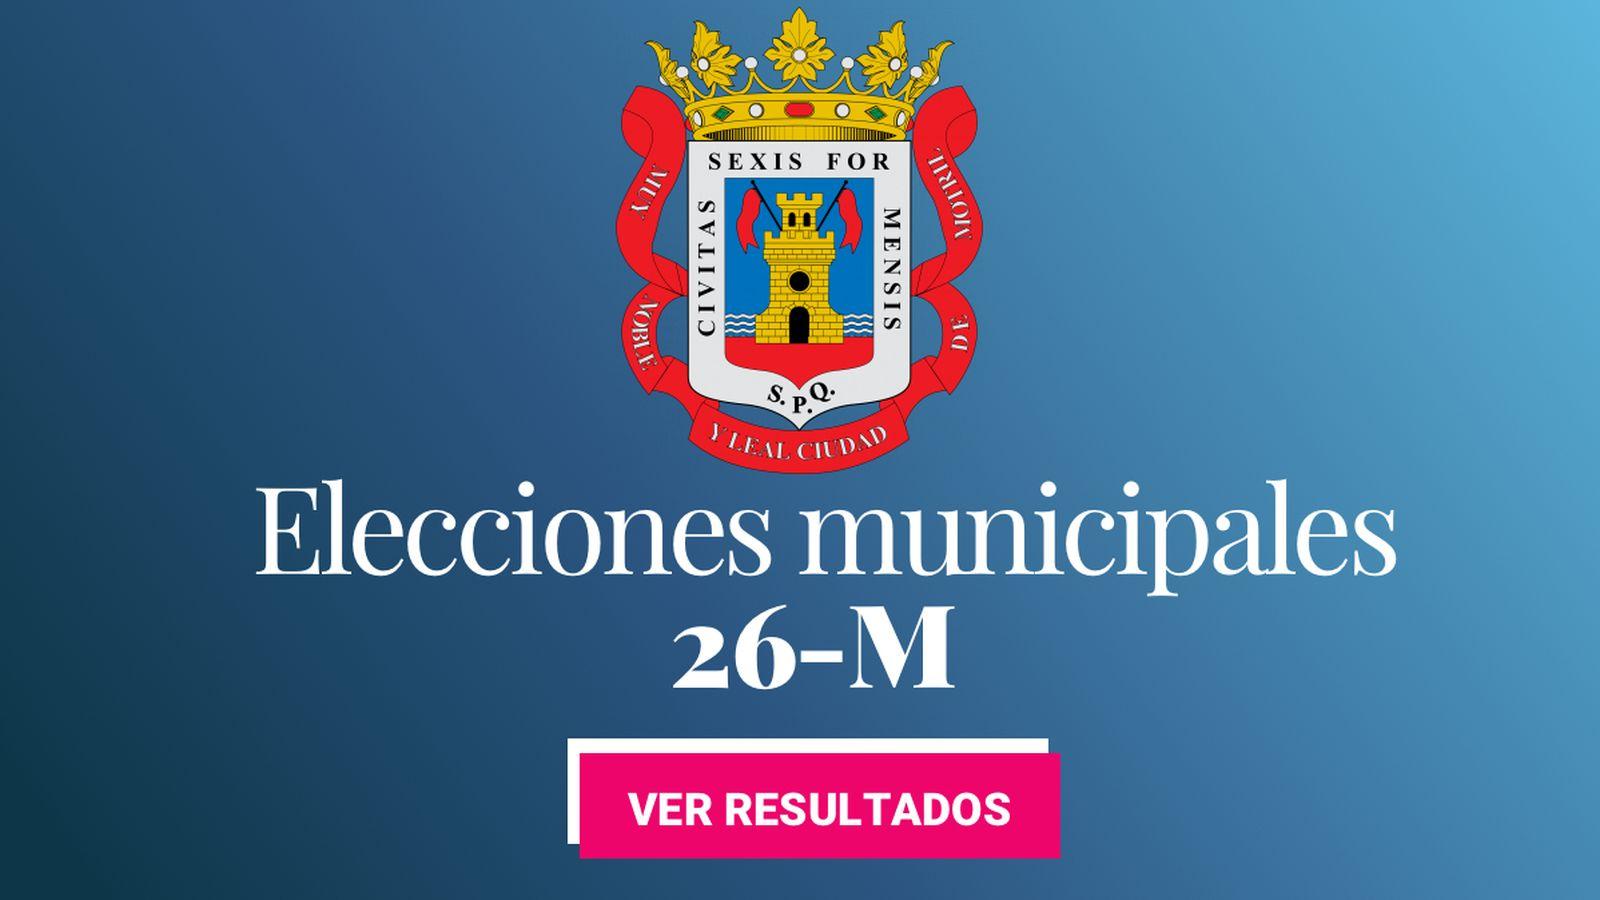 Foto: Elecciones municipales 2019 en Motril. (C.C./EC)